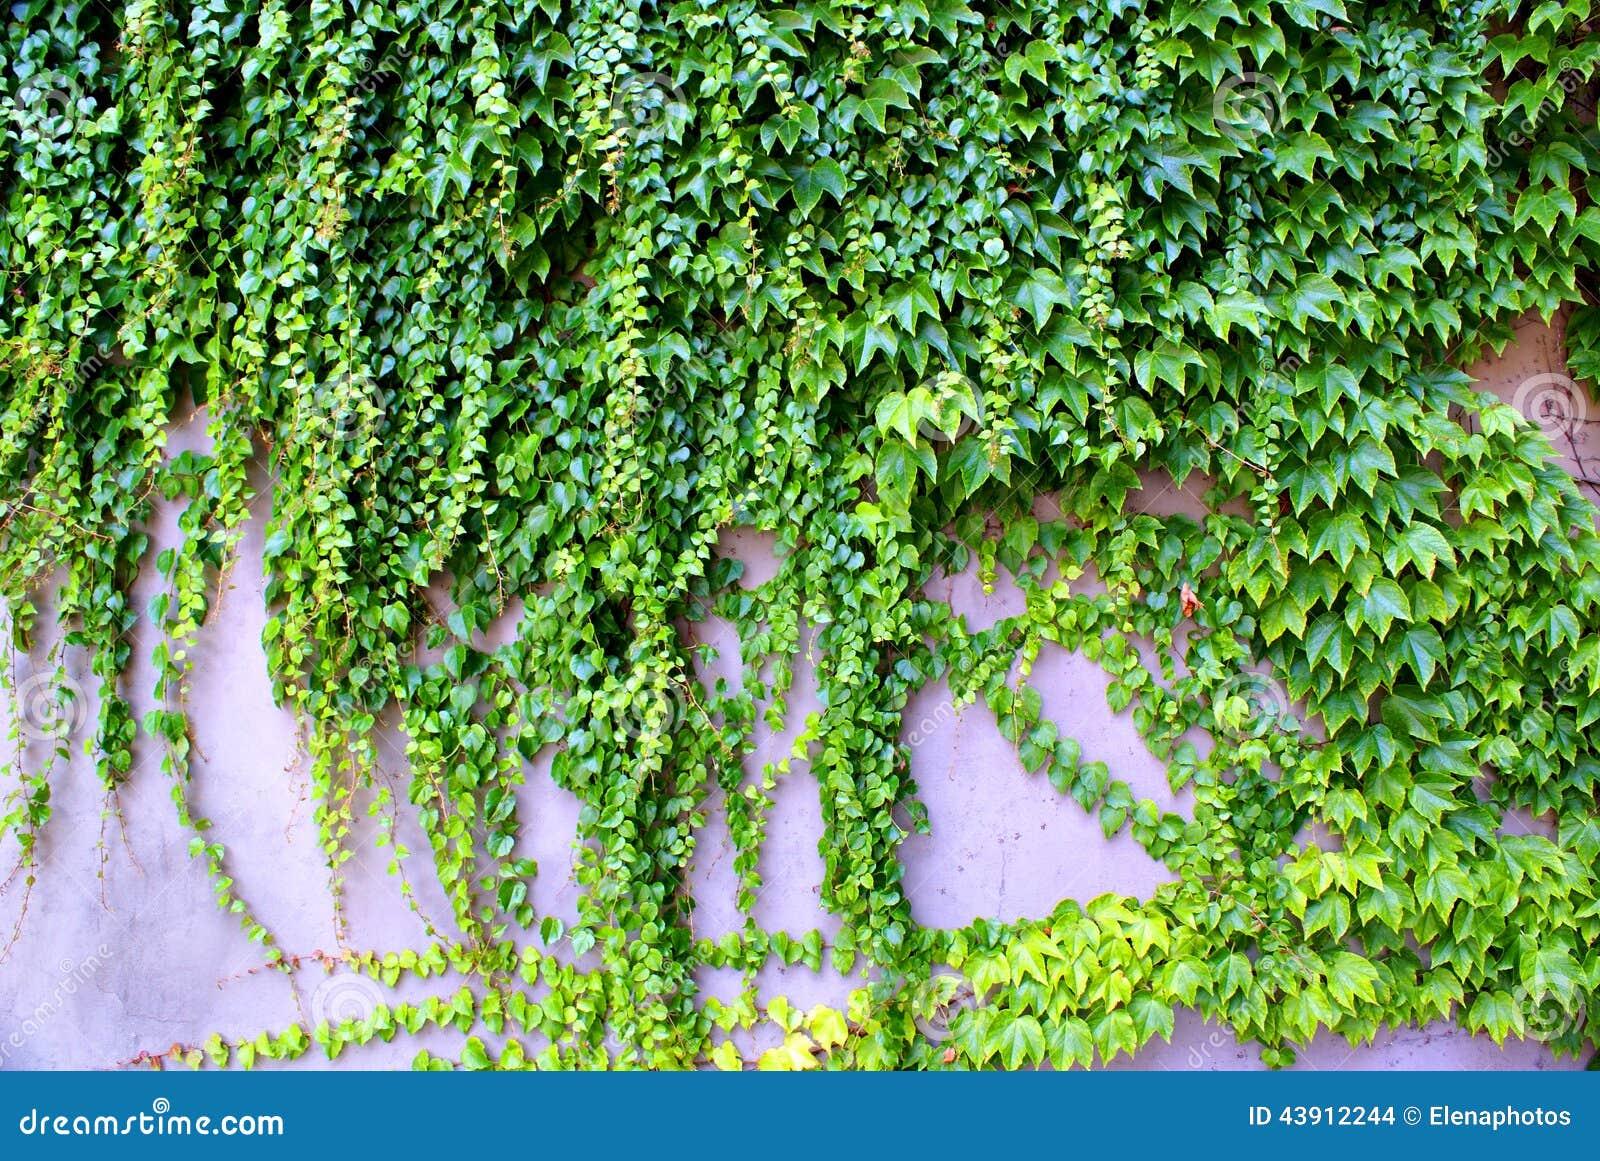 Klimop die - ooit groene installaties op de muur beklimmen